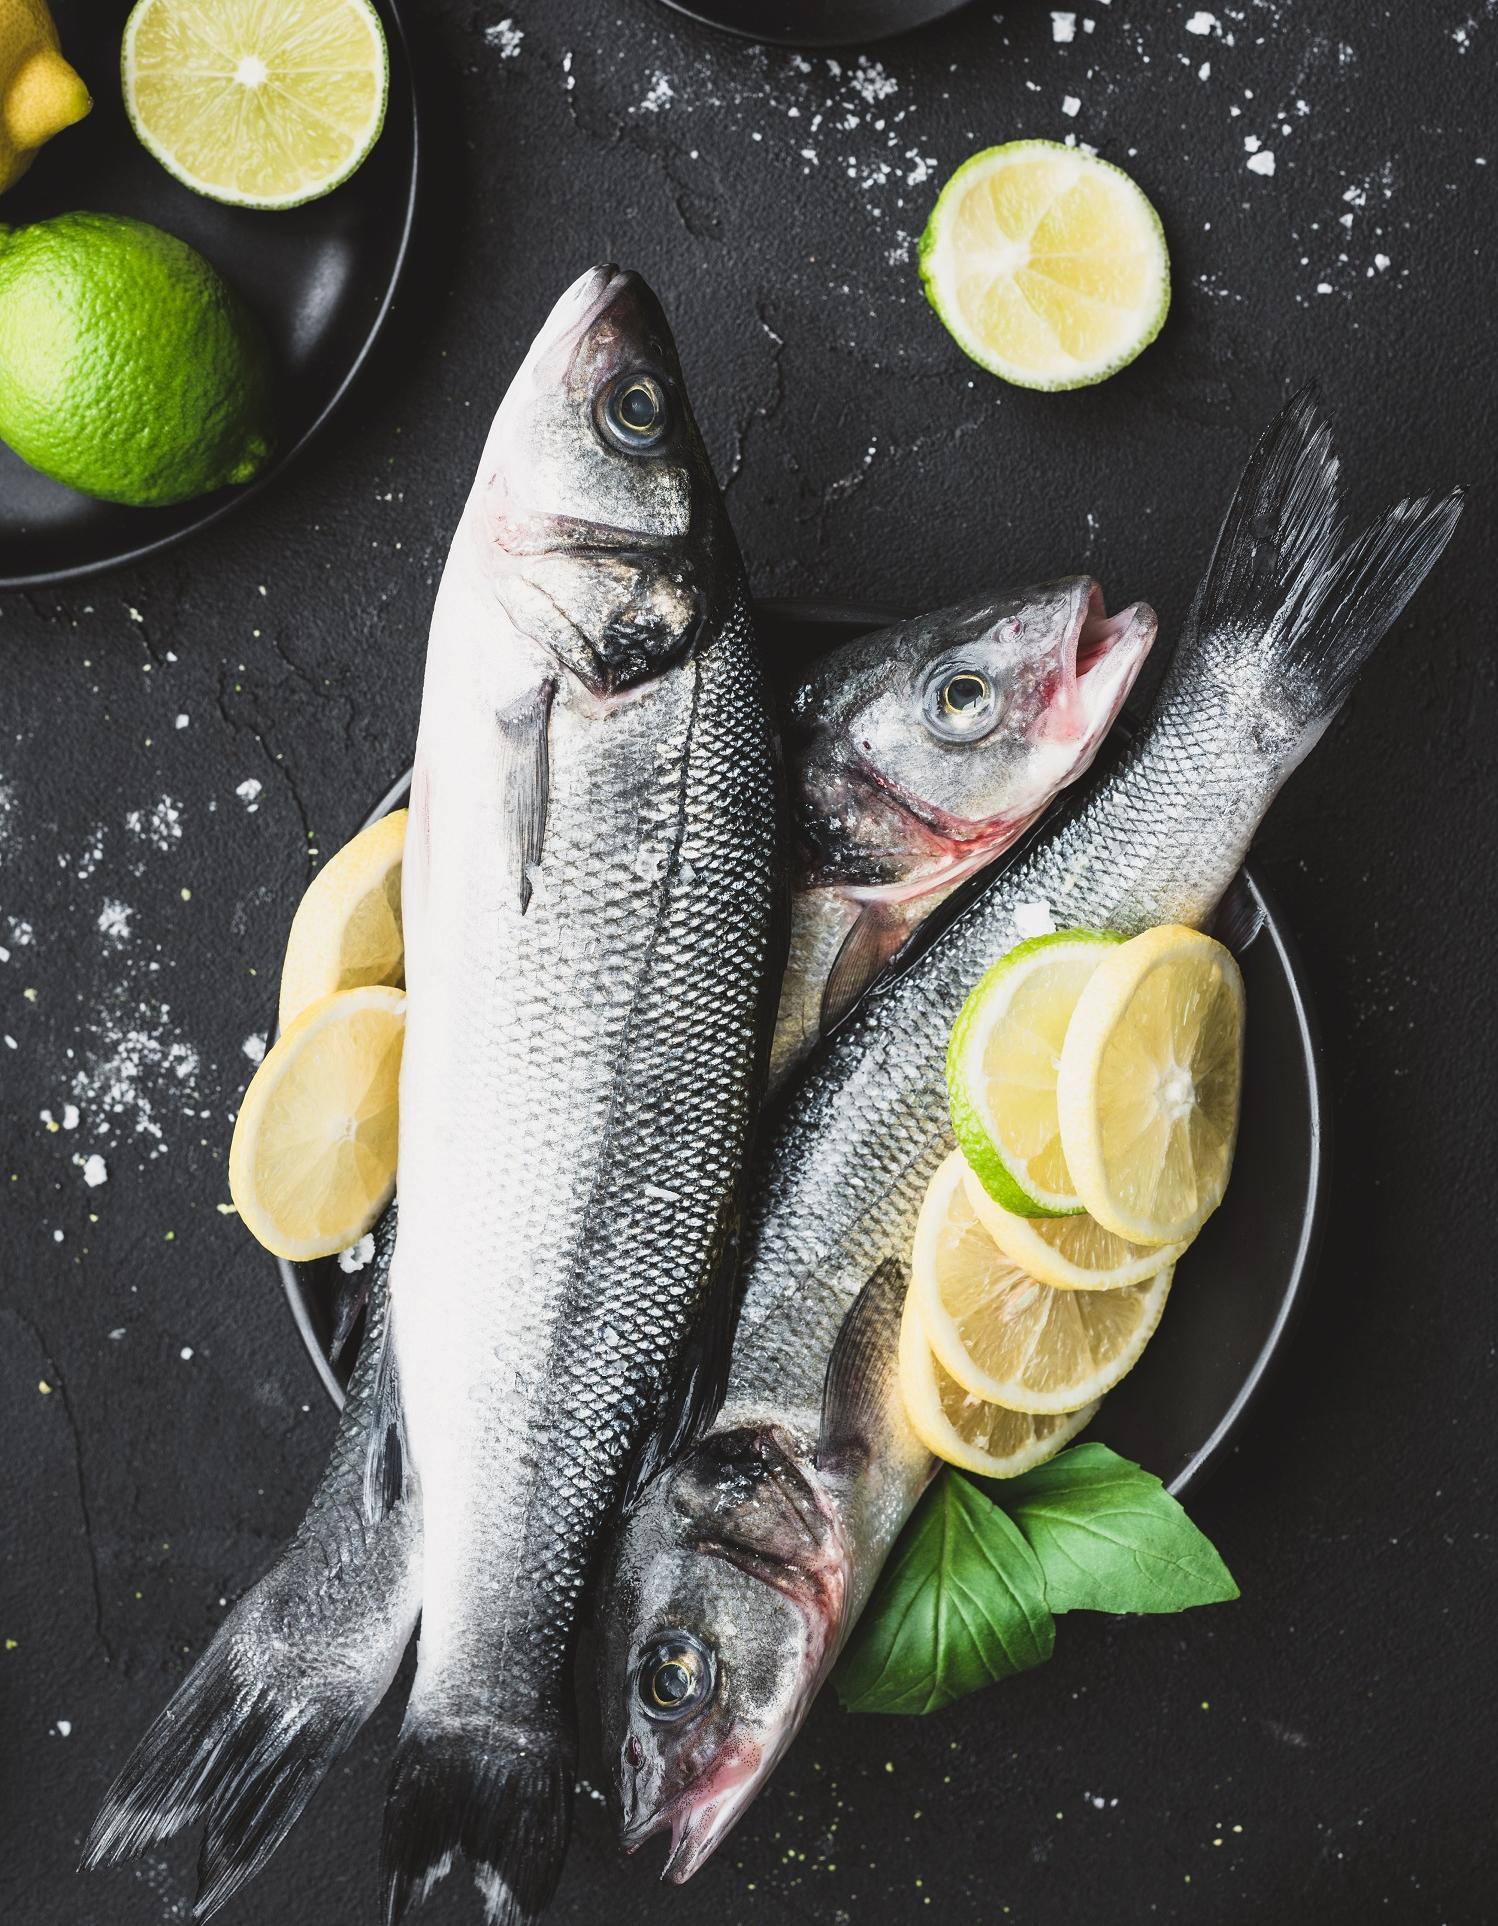 Manger du poisson diminuerait l'agressivité (et c'est la